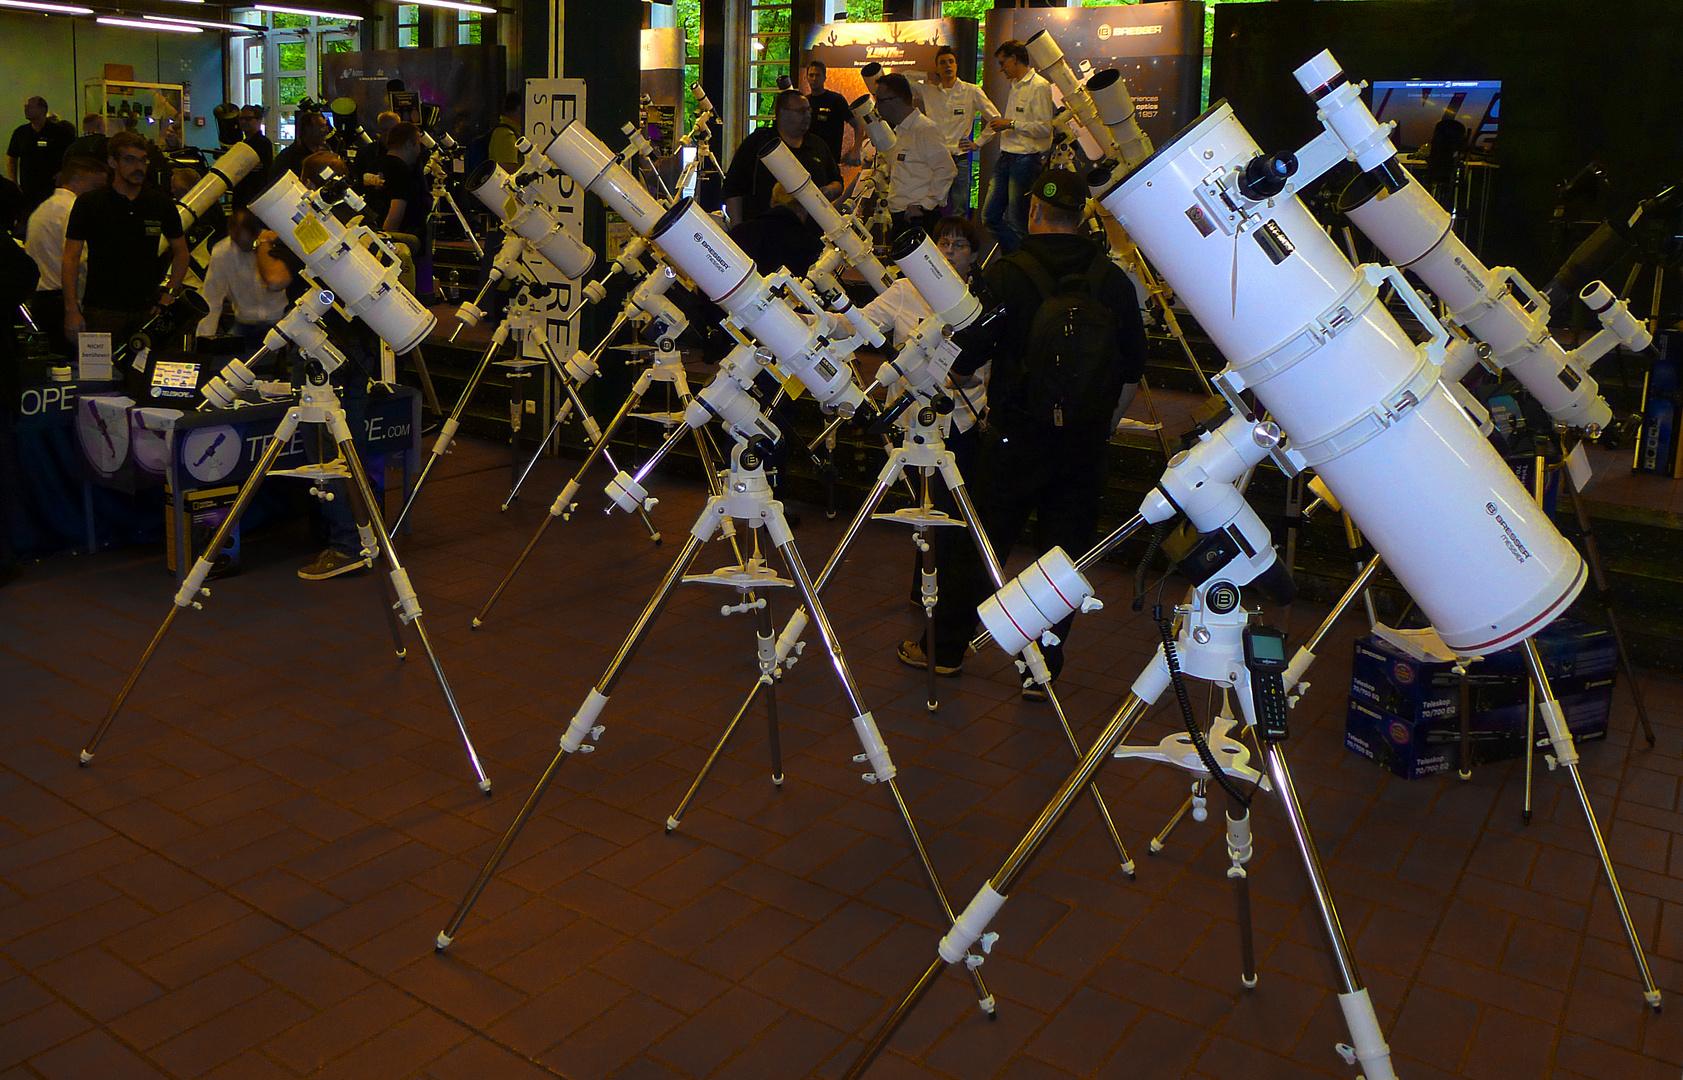 Ballett der Teleskope